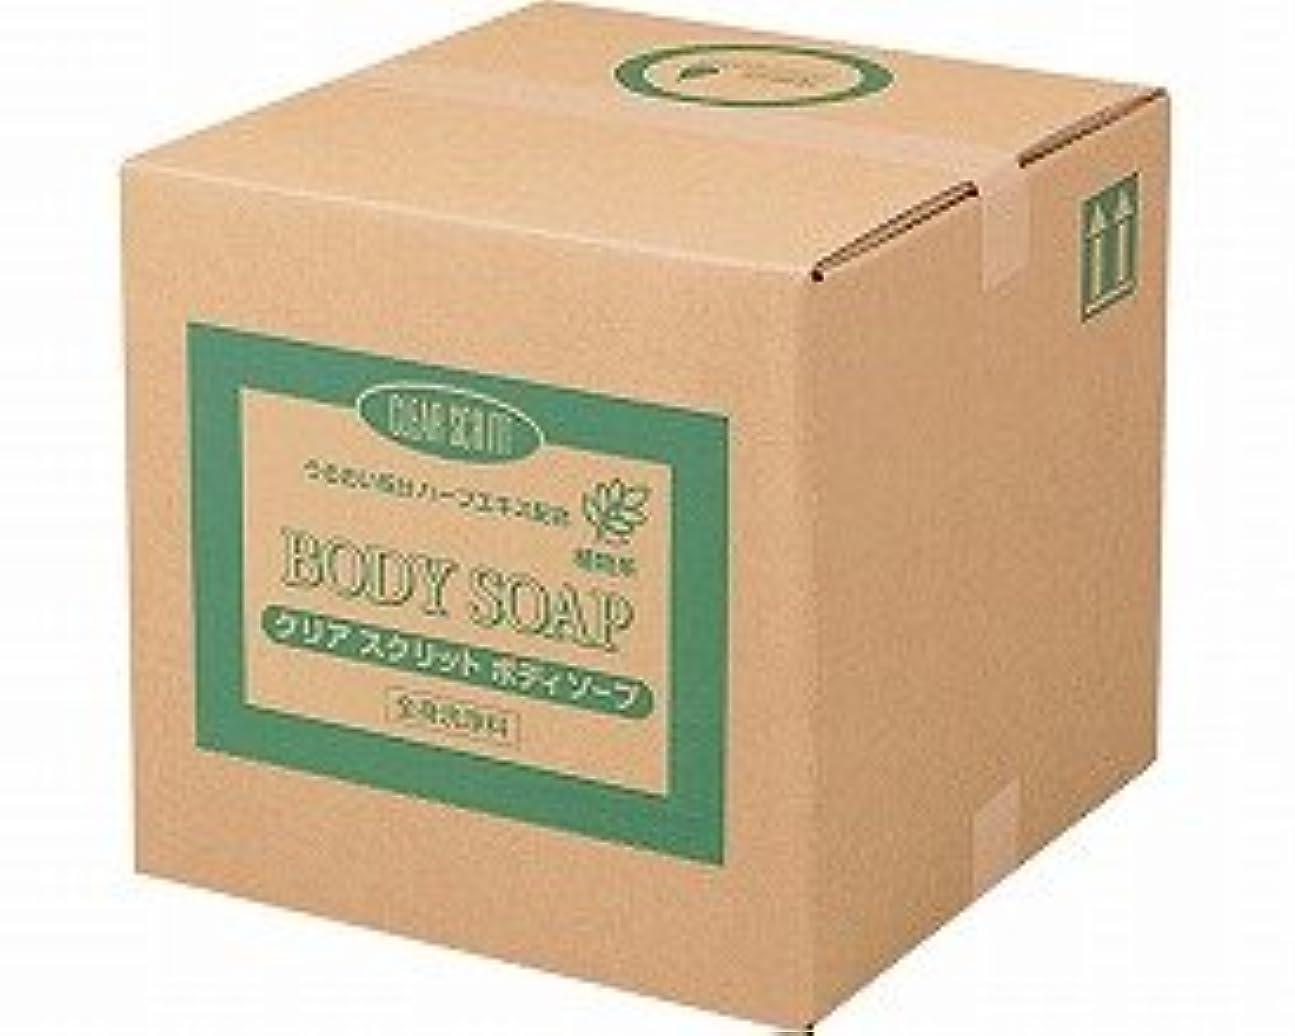 引き算ギャザー傑作CLEAR SCRITT(クリアスクリット) ボディソープ 18L コック付 4355 (熊野油脂) (清拭小物)